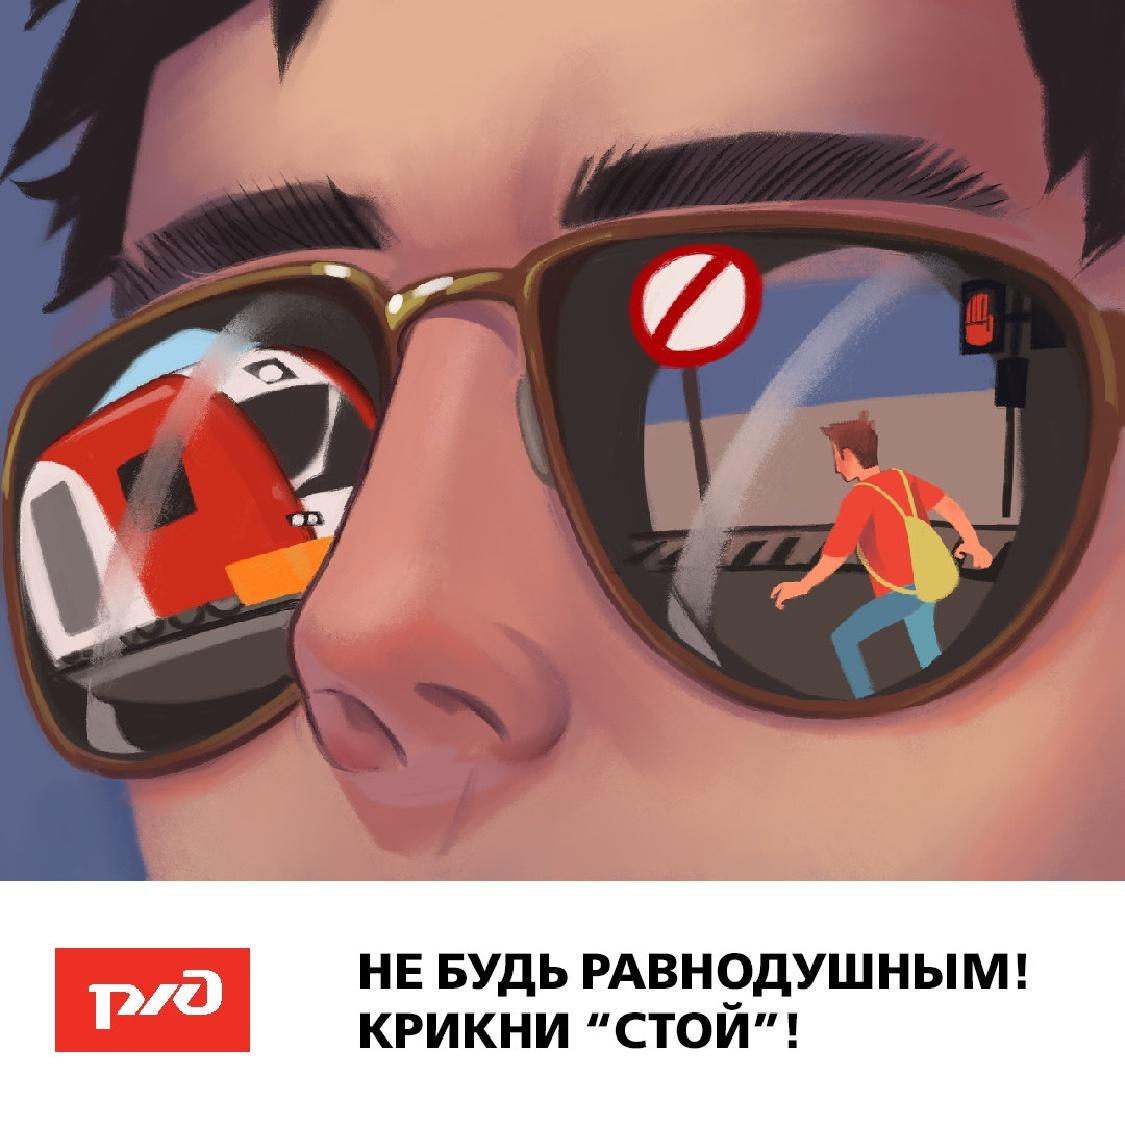 Безопасность на ЖД